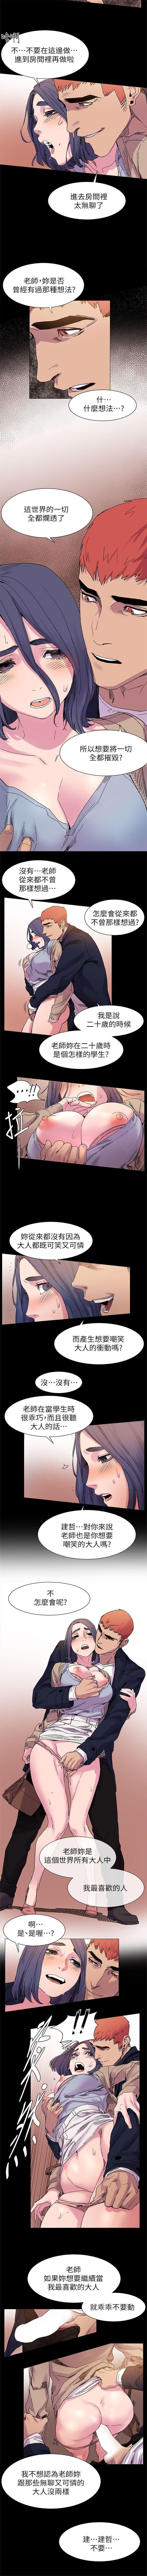 (週5)衝突 1-91 中文翻譯 (更新中) 87